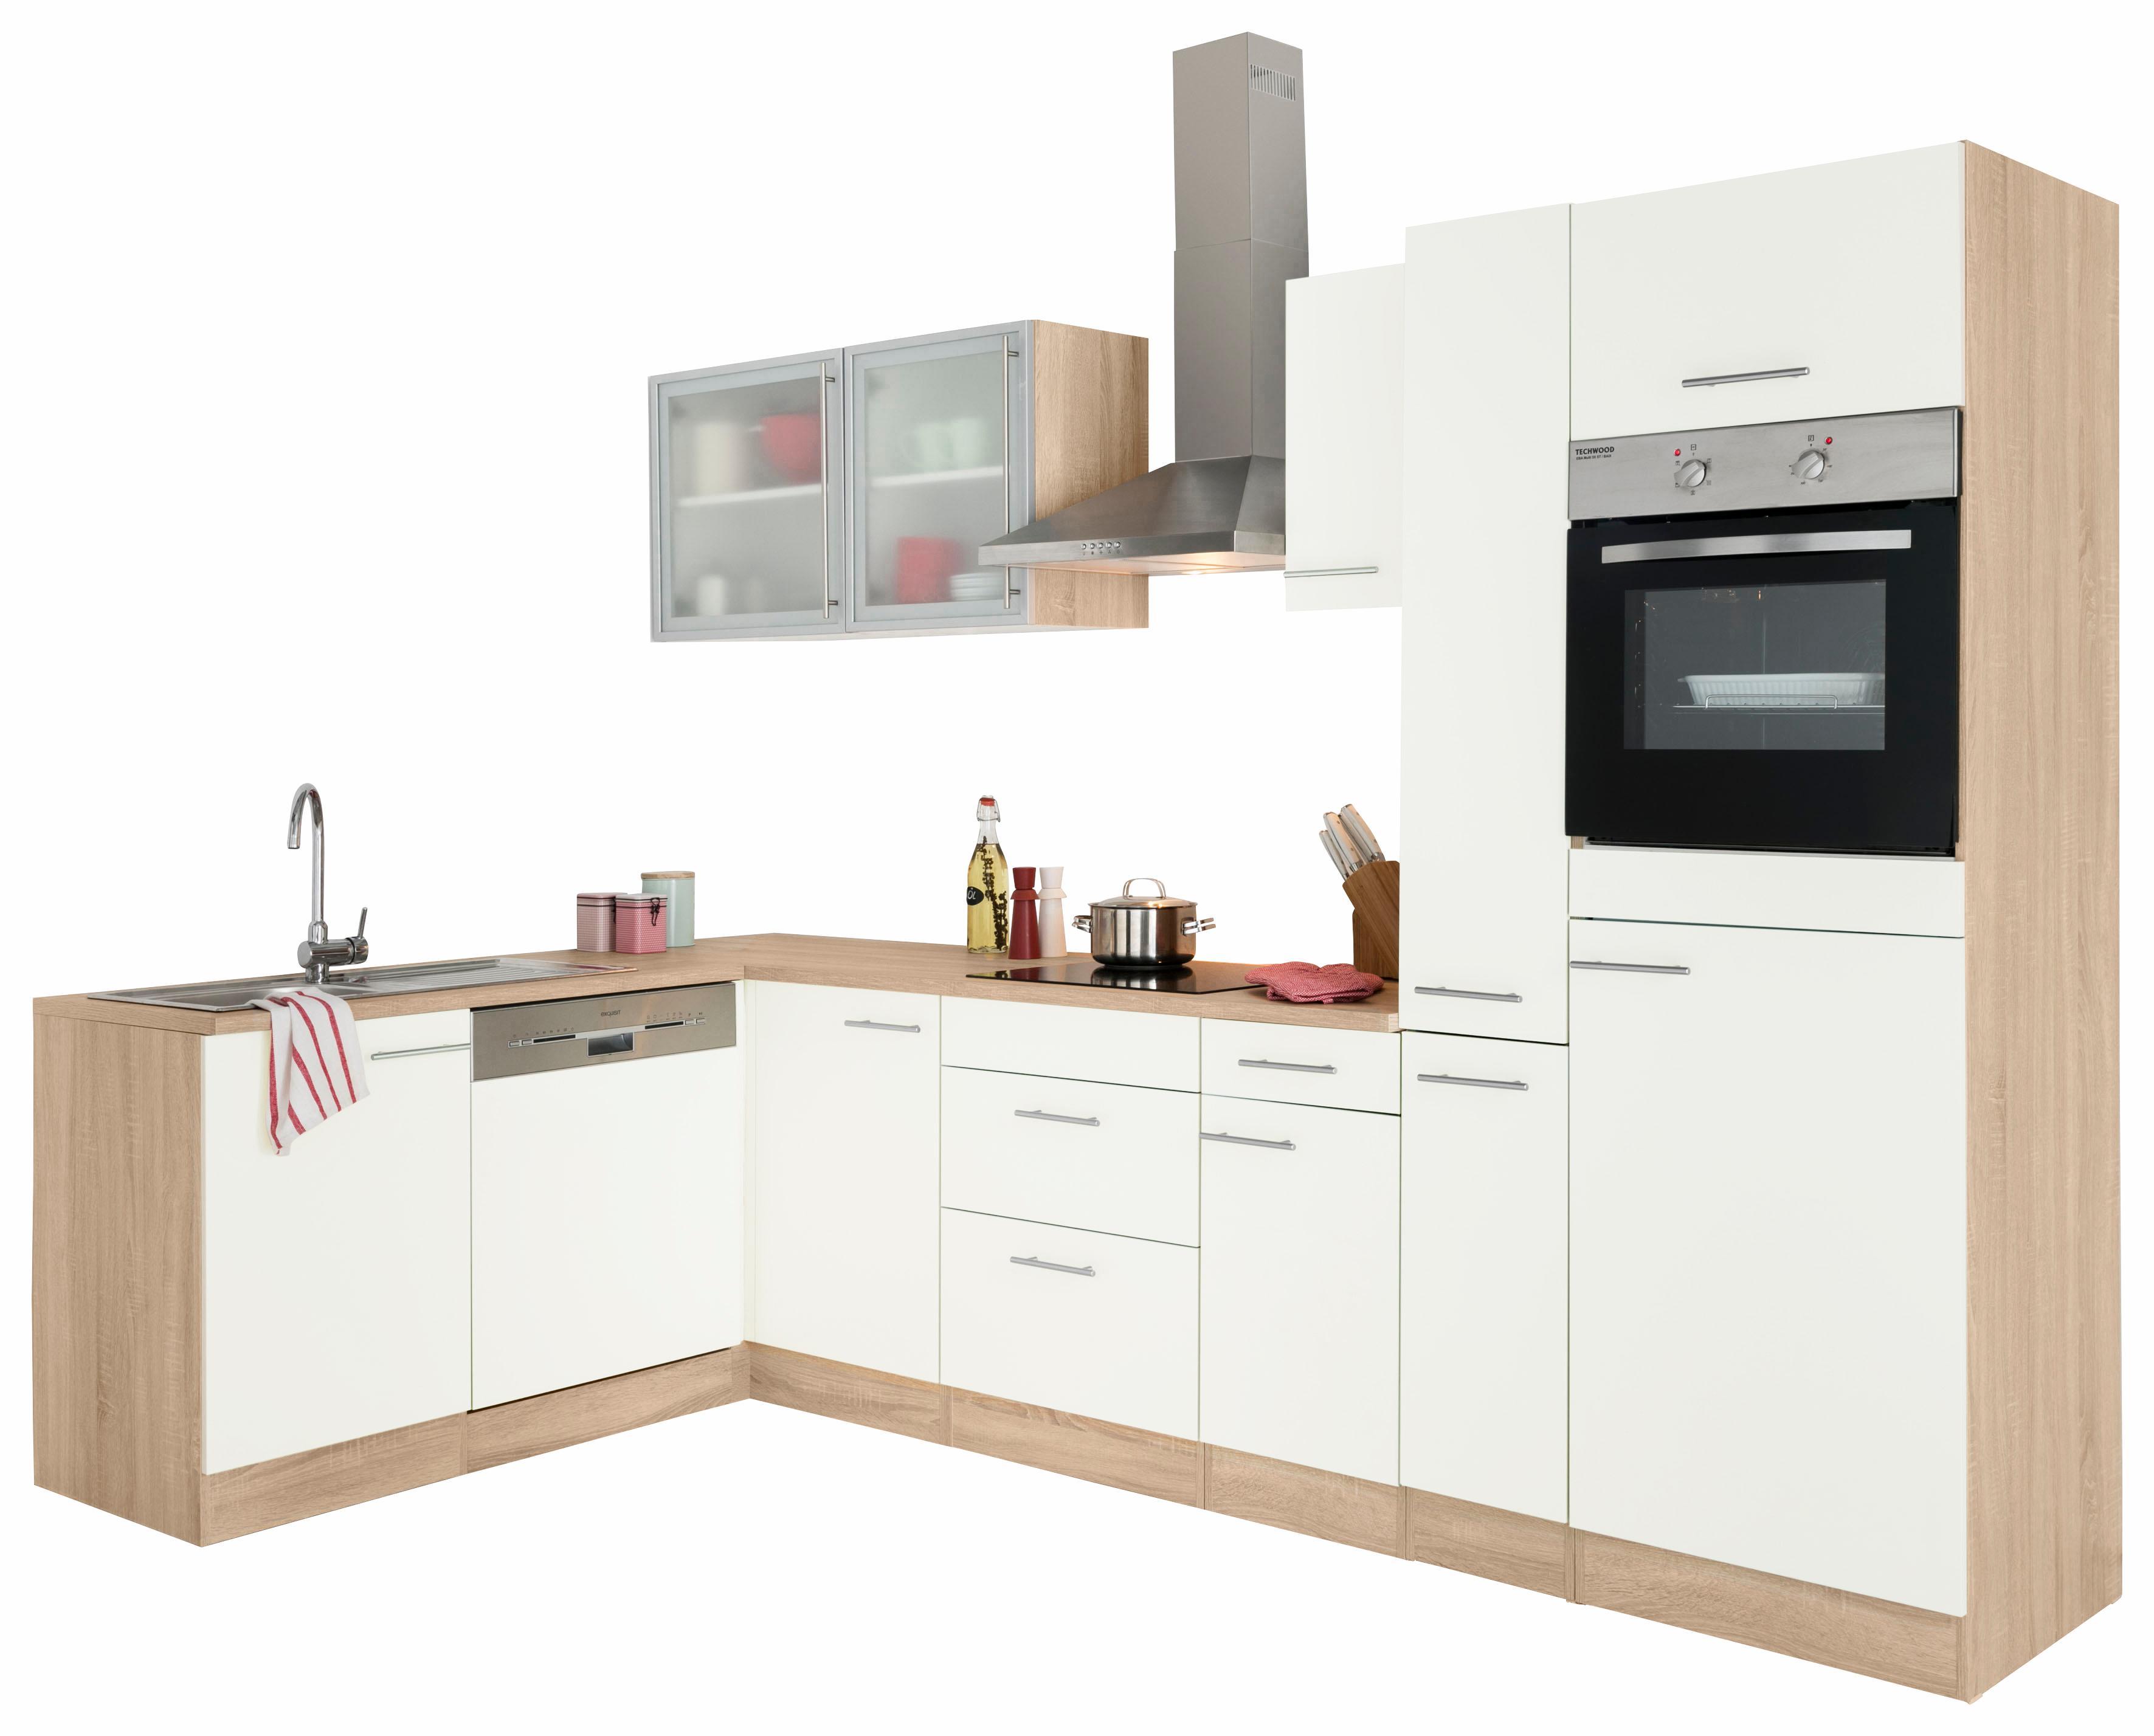 OPTIFIT Winkelküche »Kalmar« ohne E-Geräte, Breite 300x175 cm | Küche und Esszimmer > Küchen > Winkelküchen | Weiß | Eiche - Edelstahl - Melamin | OPTIFIT